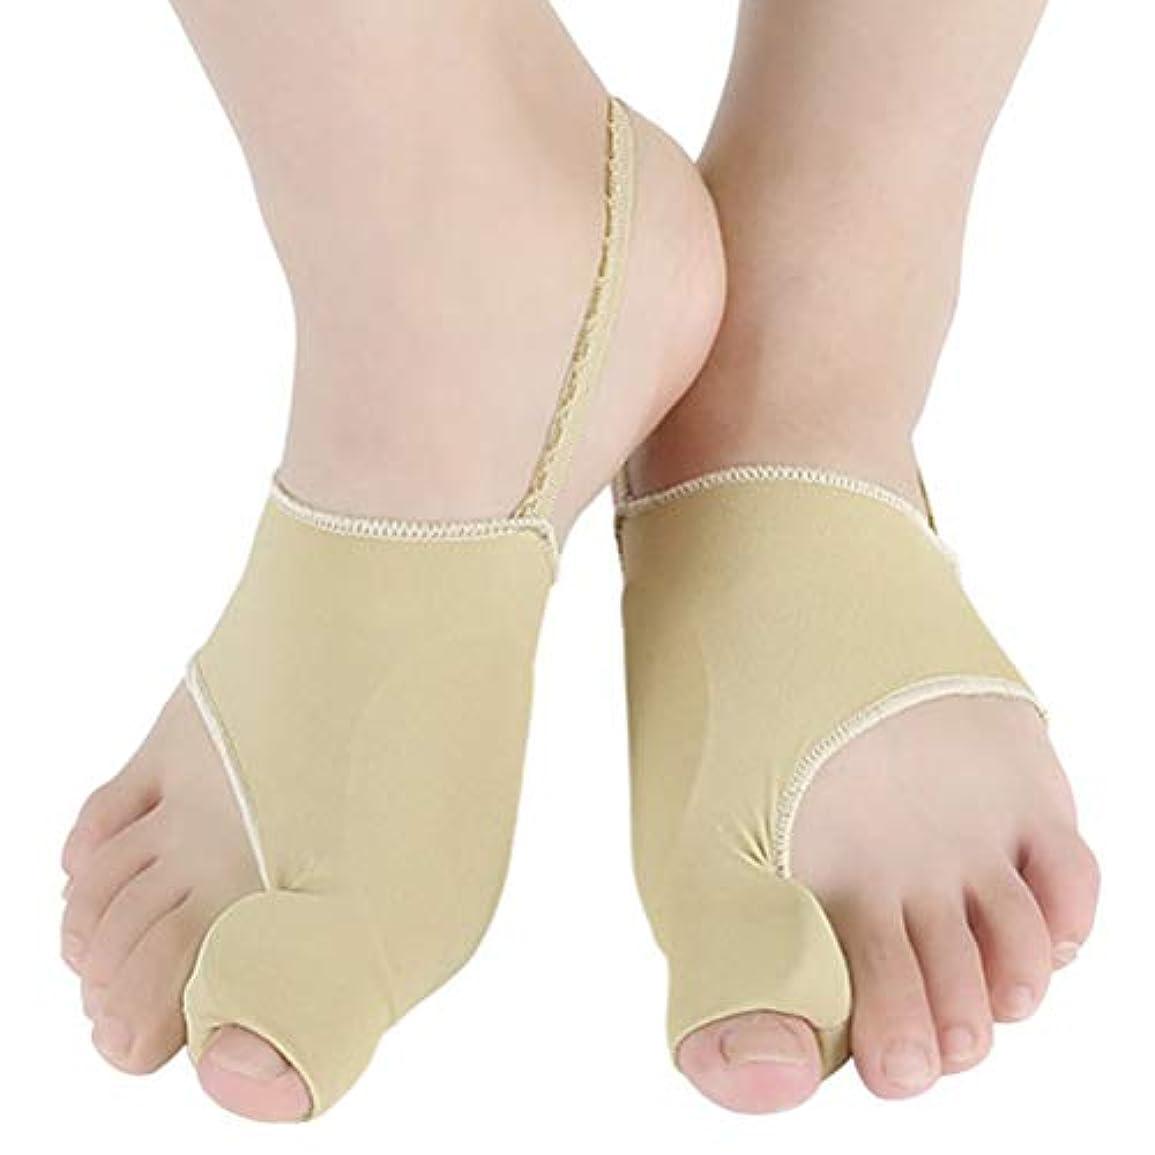 実り多い画像巡礼者Heallily 足首矯正用1対のつま先ブレース親指調整可能な腱膜プロテクター副脚の母趾外反治療用(カーキサイズL)